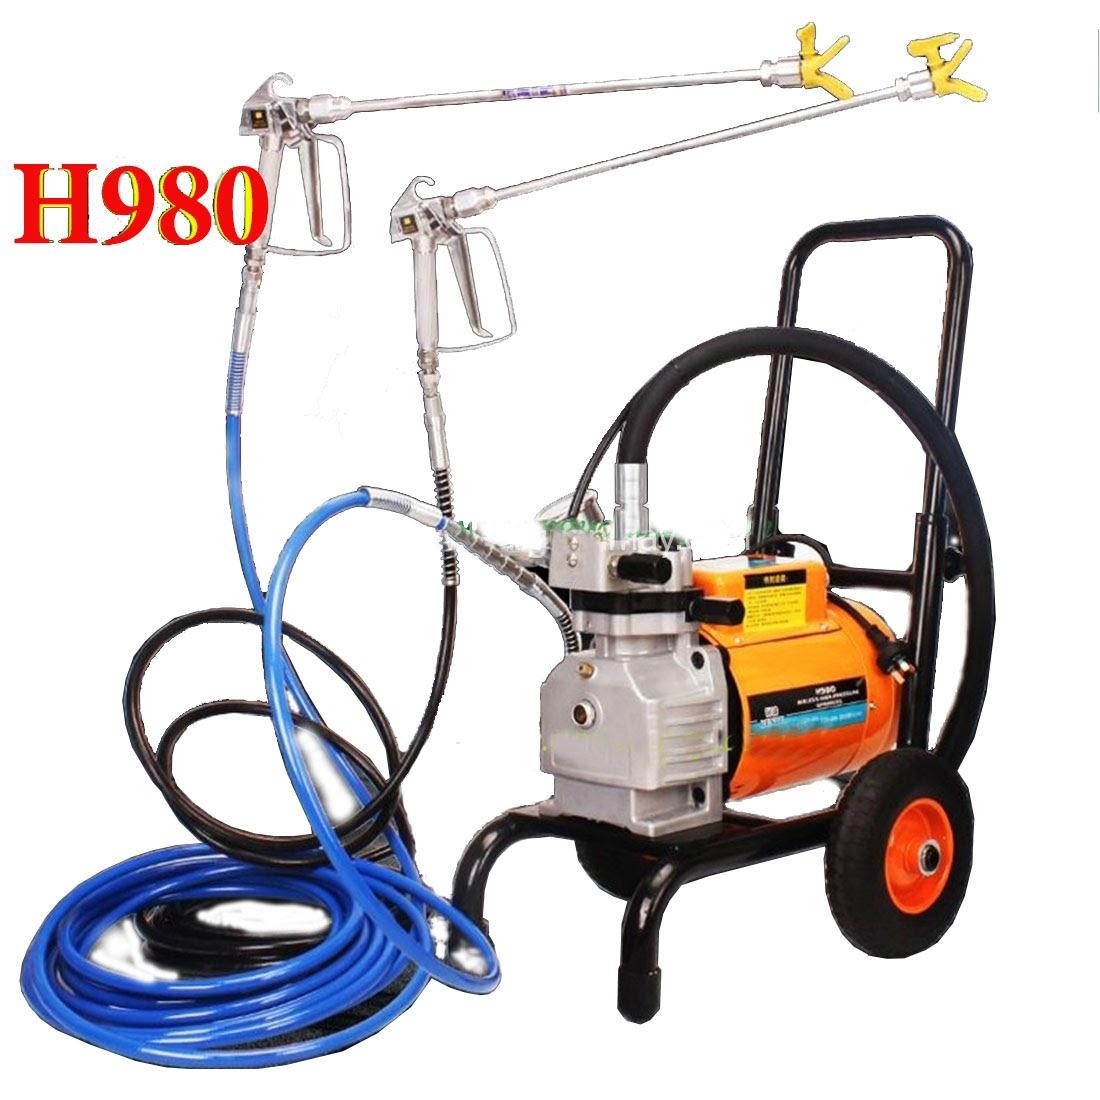 Máy phun sơn nước SIMITO-H980